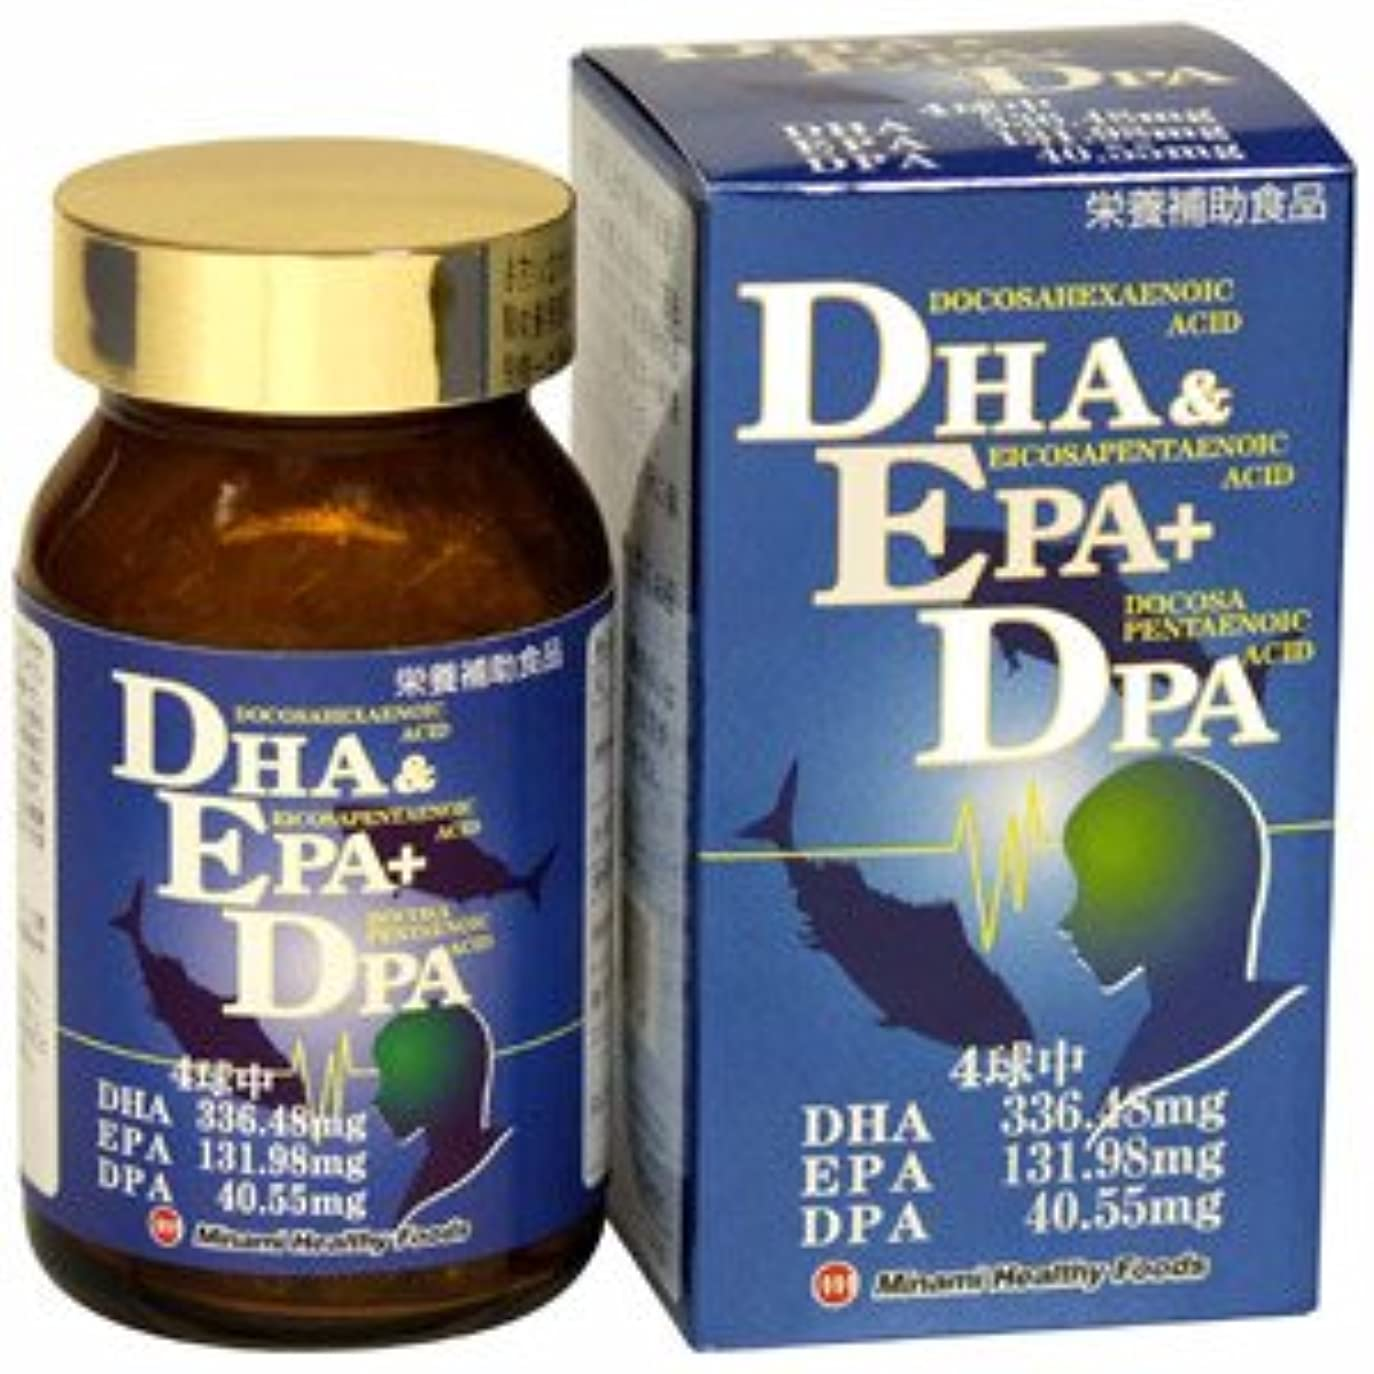 マーケティング辛い隙間DHA&EPA+DPA(単品)ミナミヘルシーフーズ